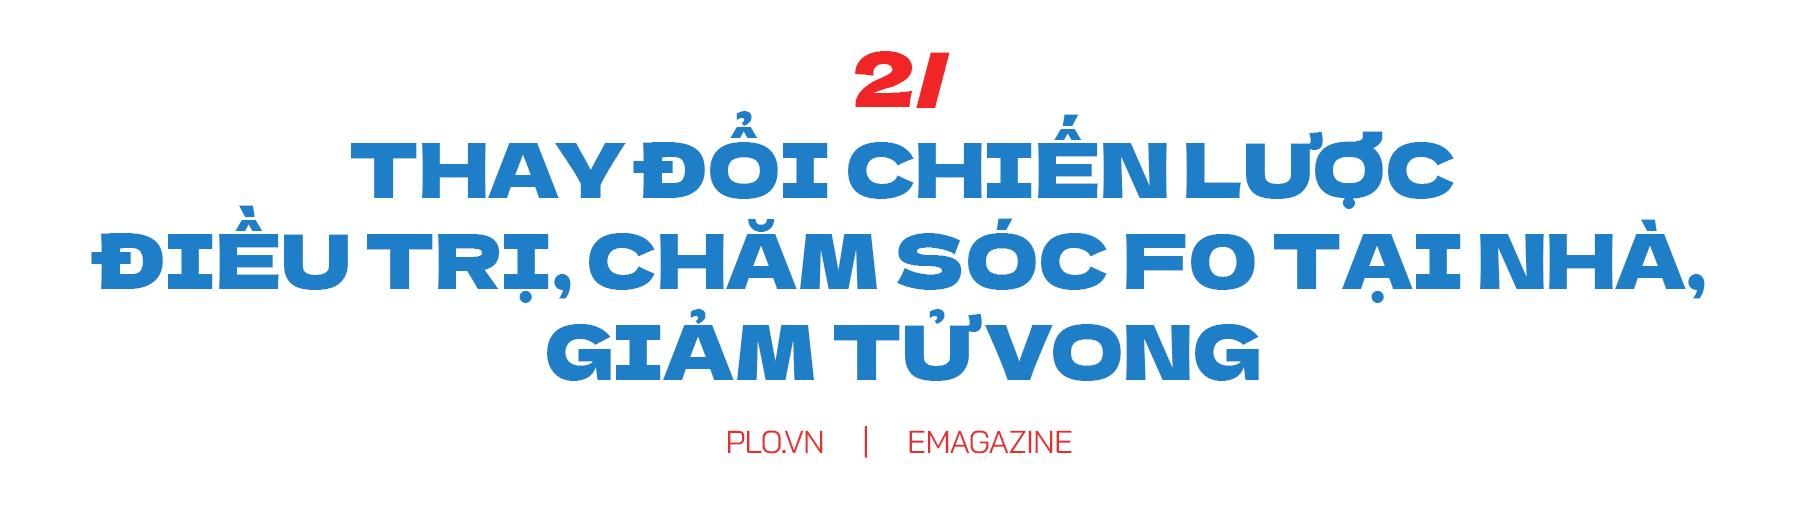 Emagazine: TP.HCM và cuộc chiến xoay chiều trước đại dịch COVID-19 - ảnh 9